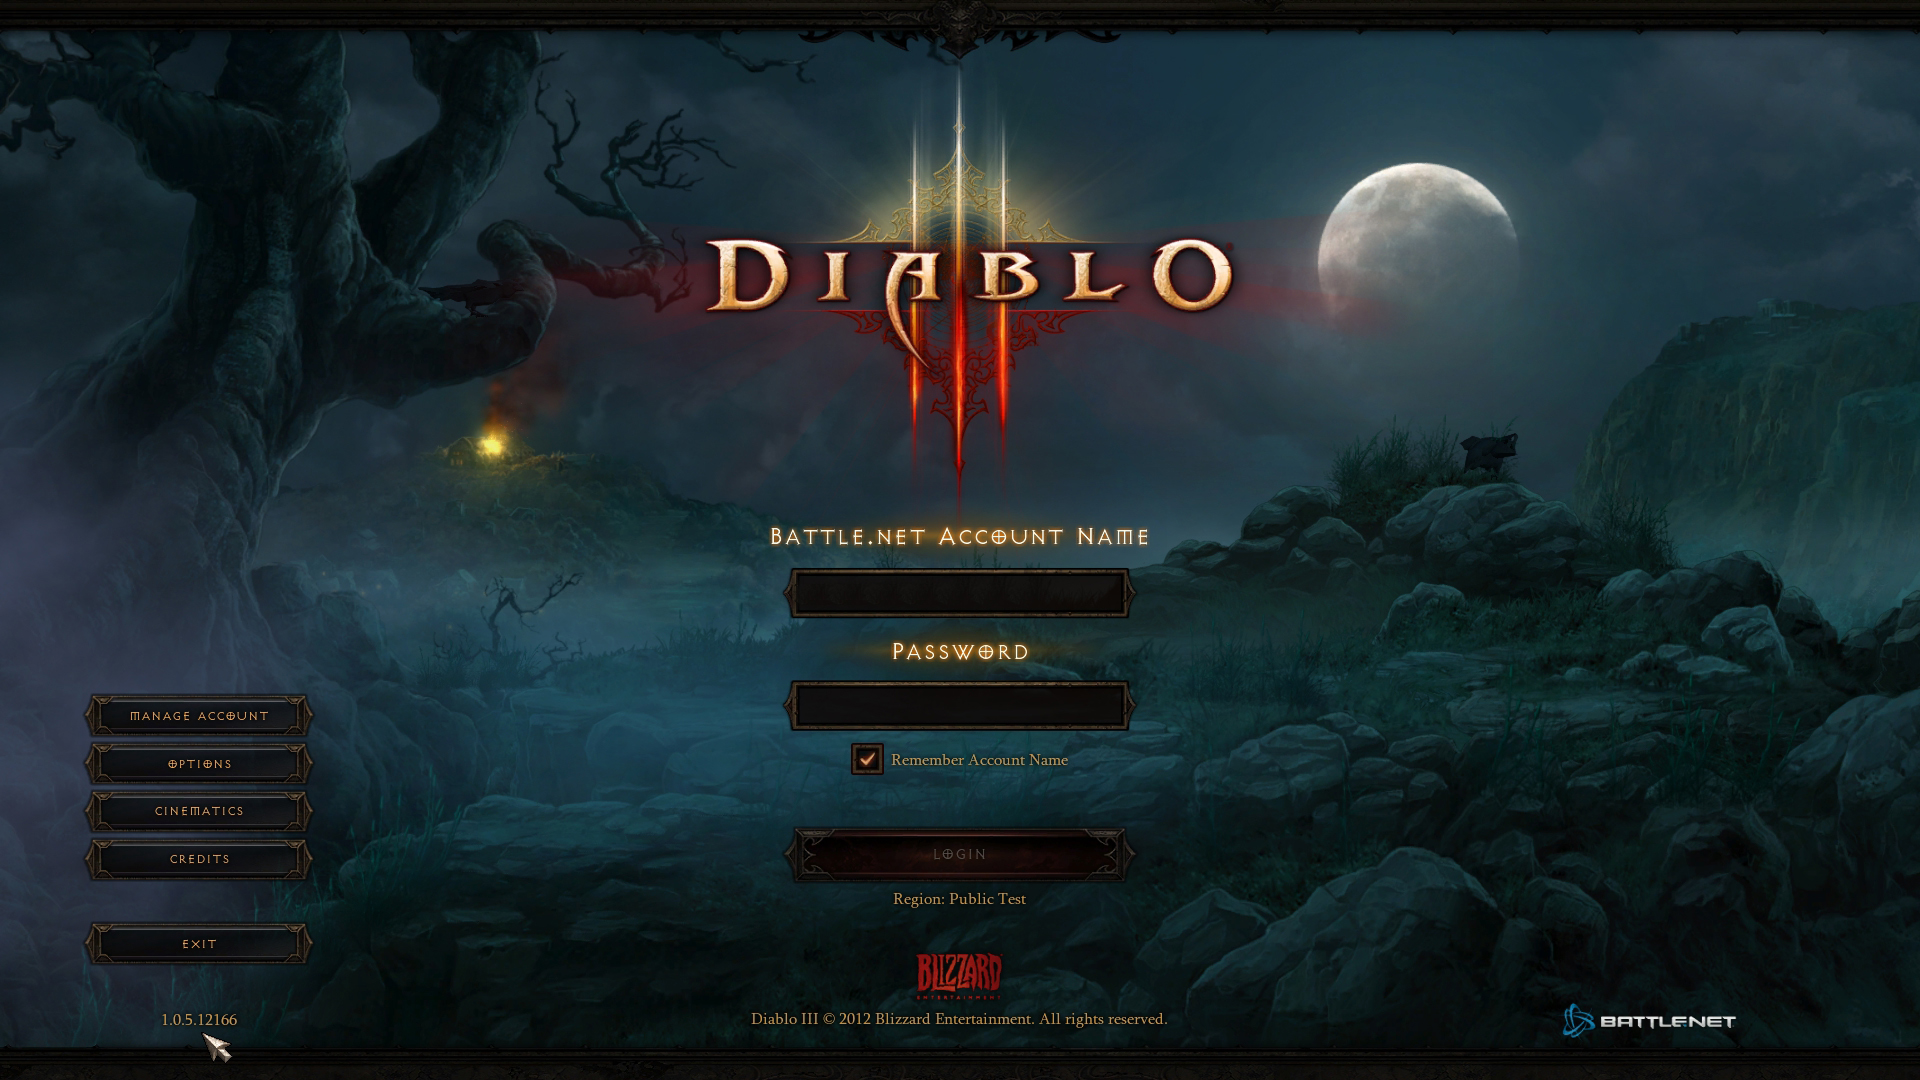 Diablo 3 1.0.5 PTR czyli jak pozbyć się error 12 screnshot 9